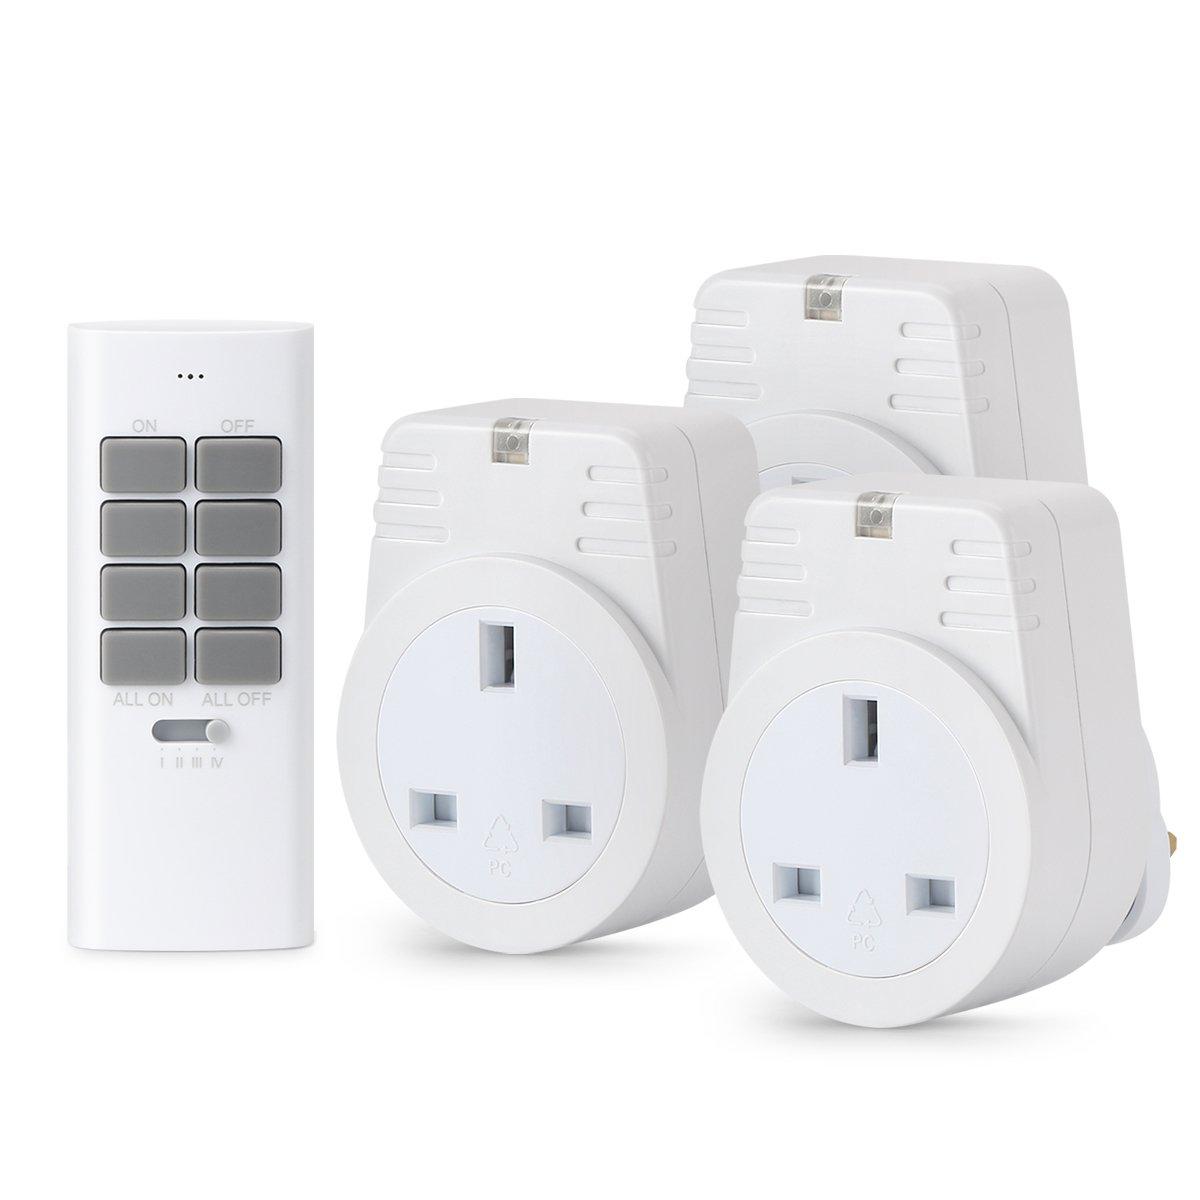 House Light Switch: Amazon.co.uk